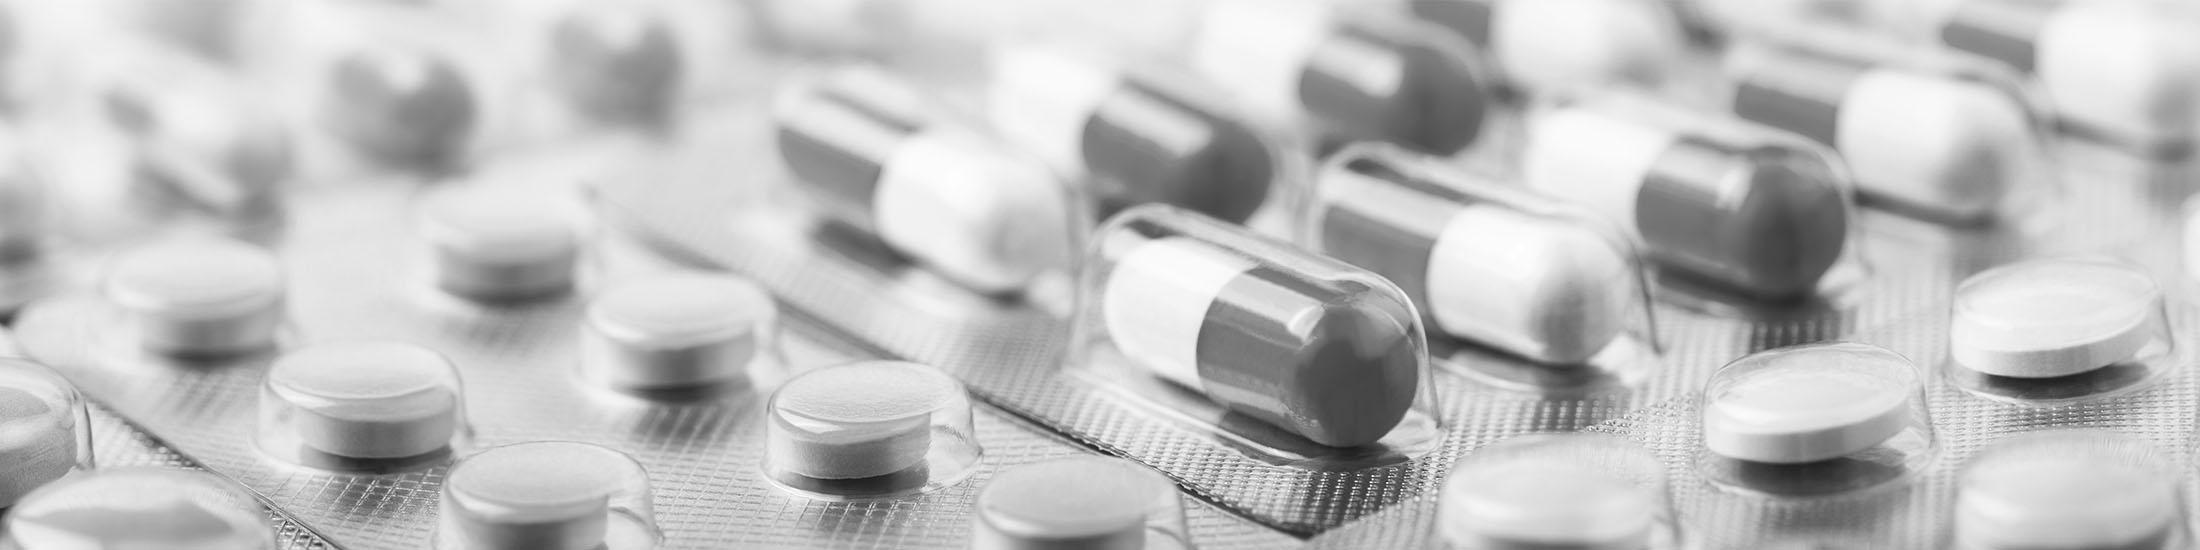 Pharmaceutical Banner